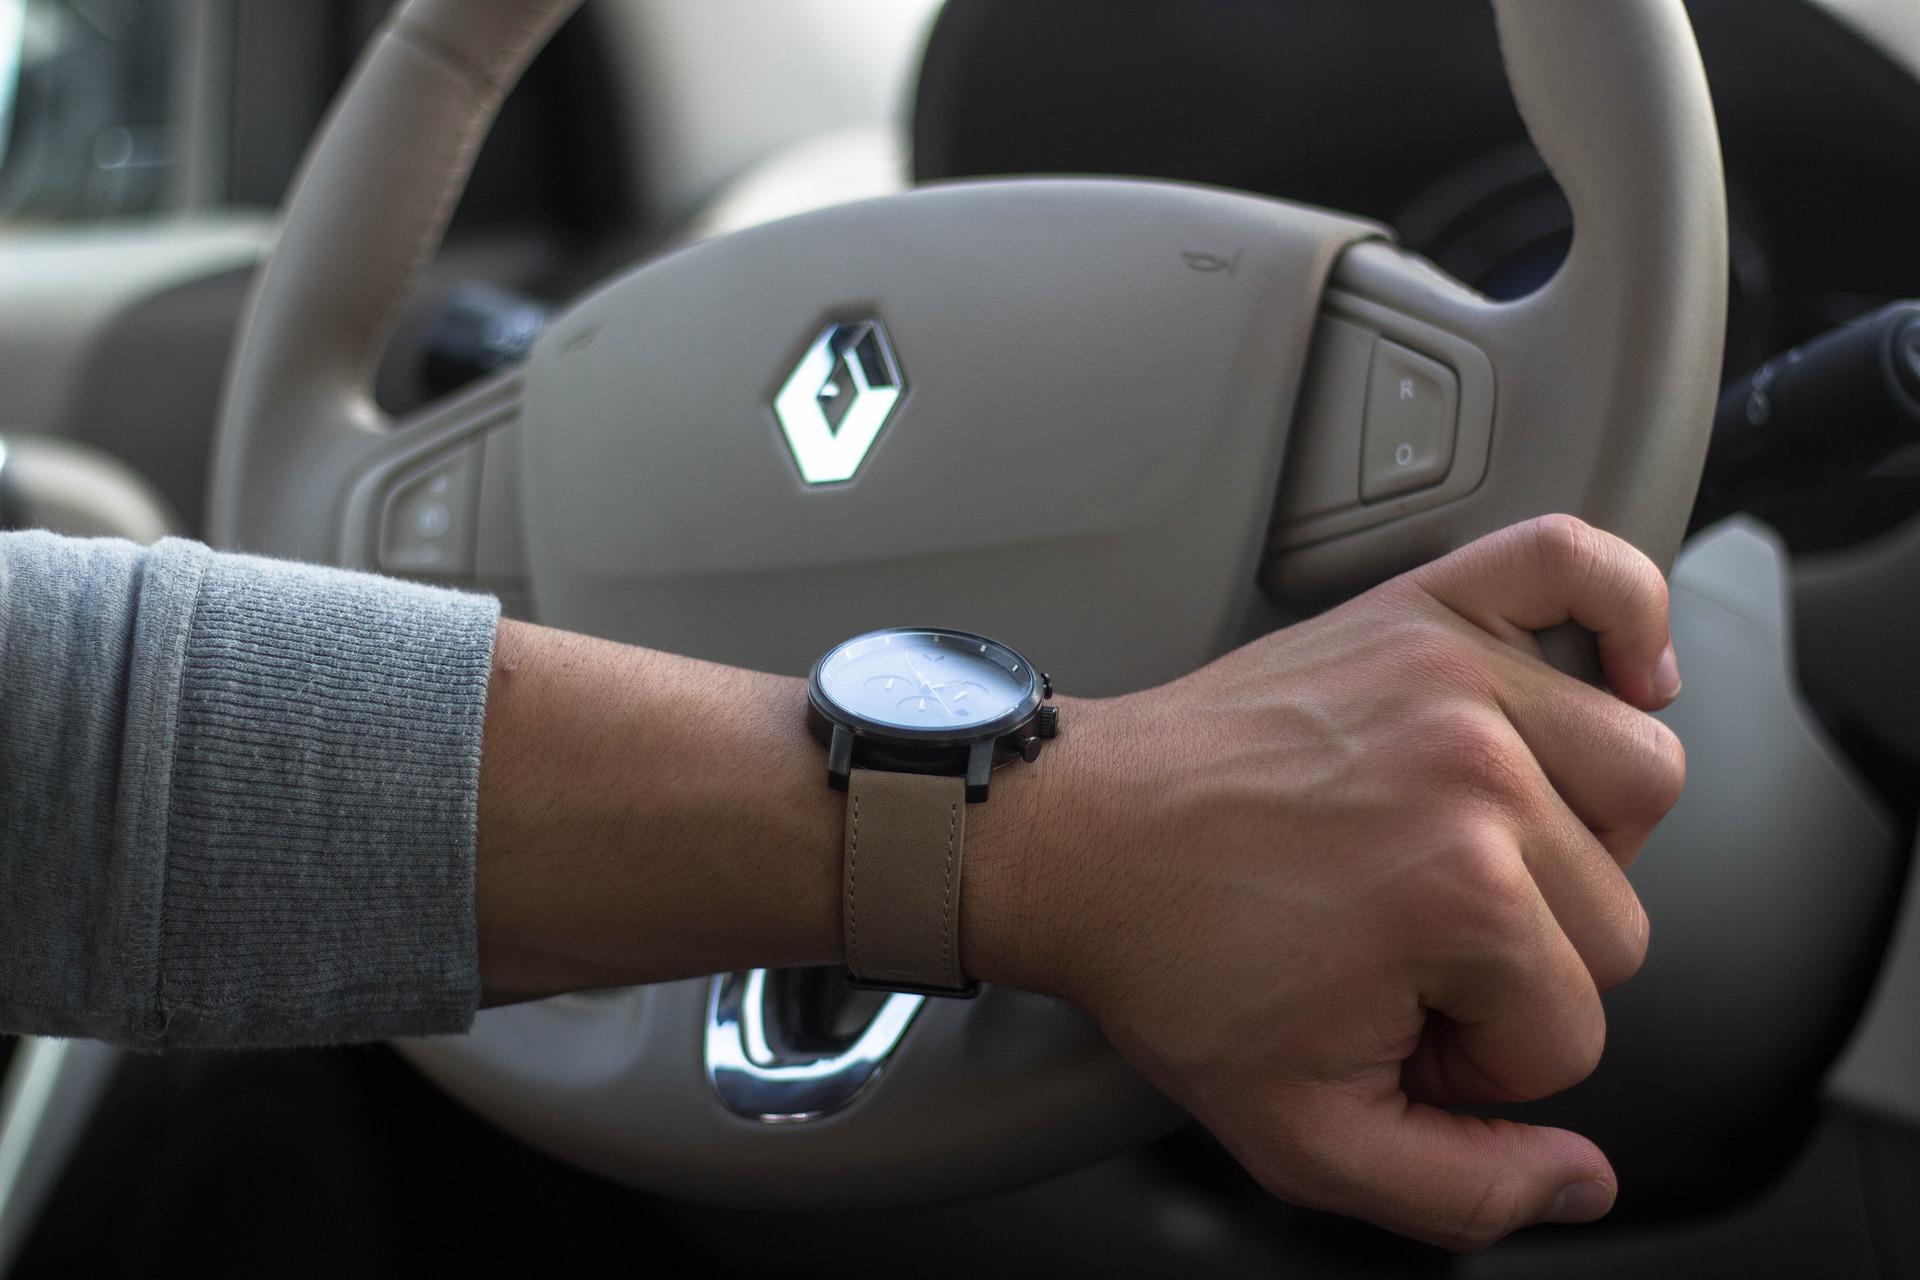 Obrázek: Android v automobilech? Google dá mobilní operační systém do chytrých vozidel